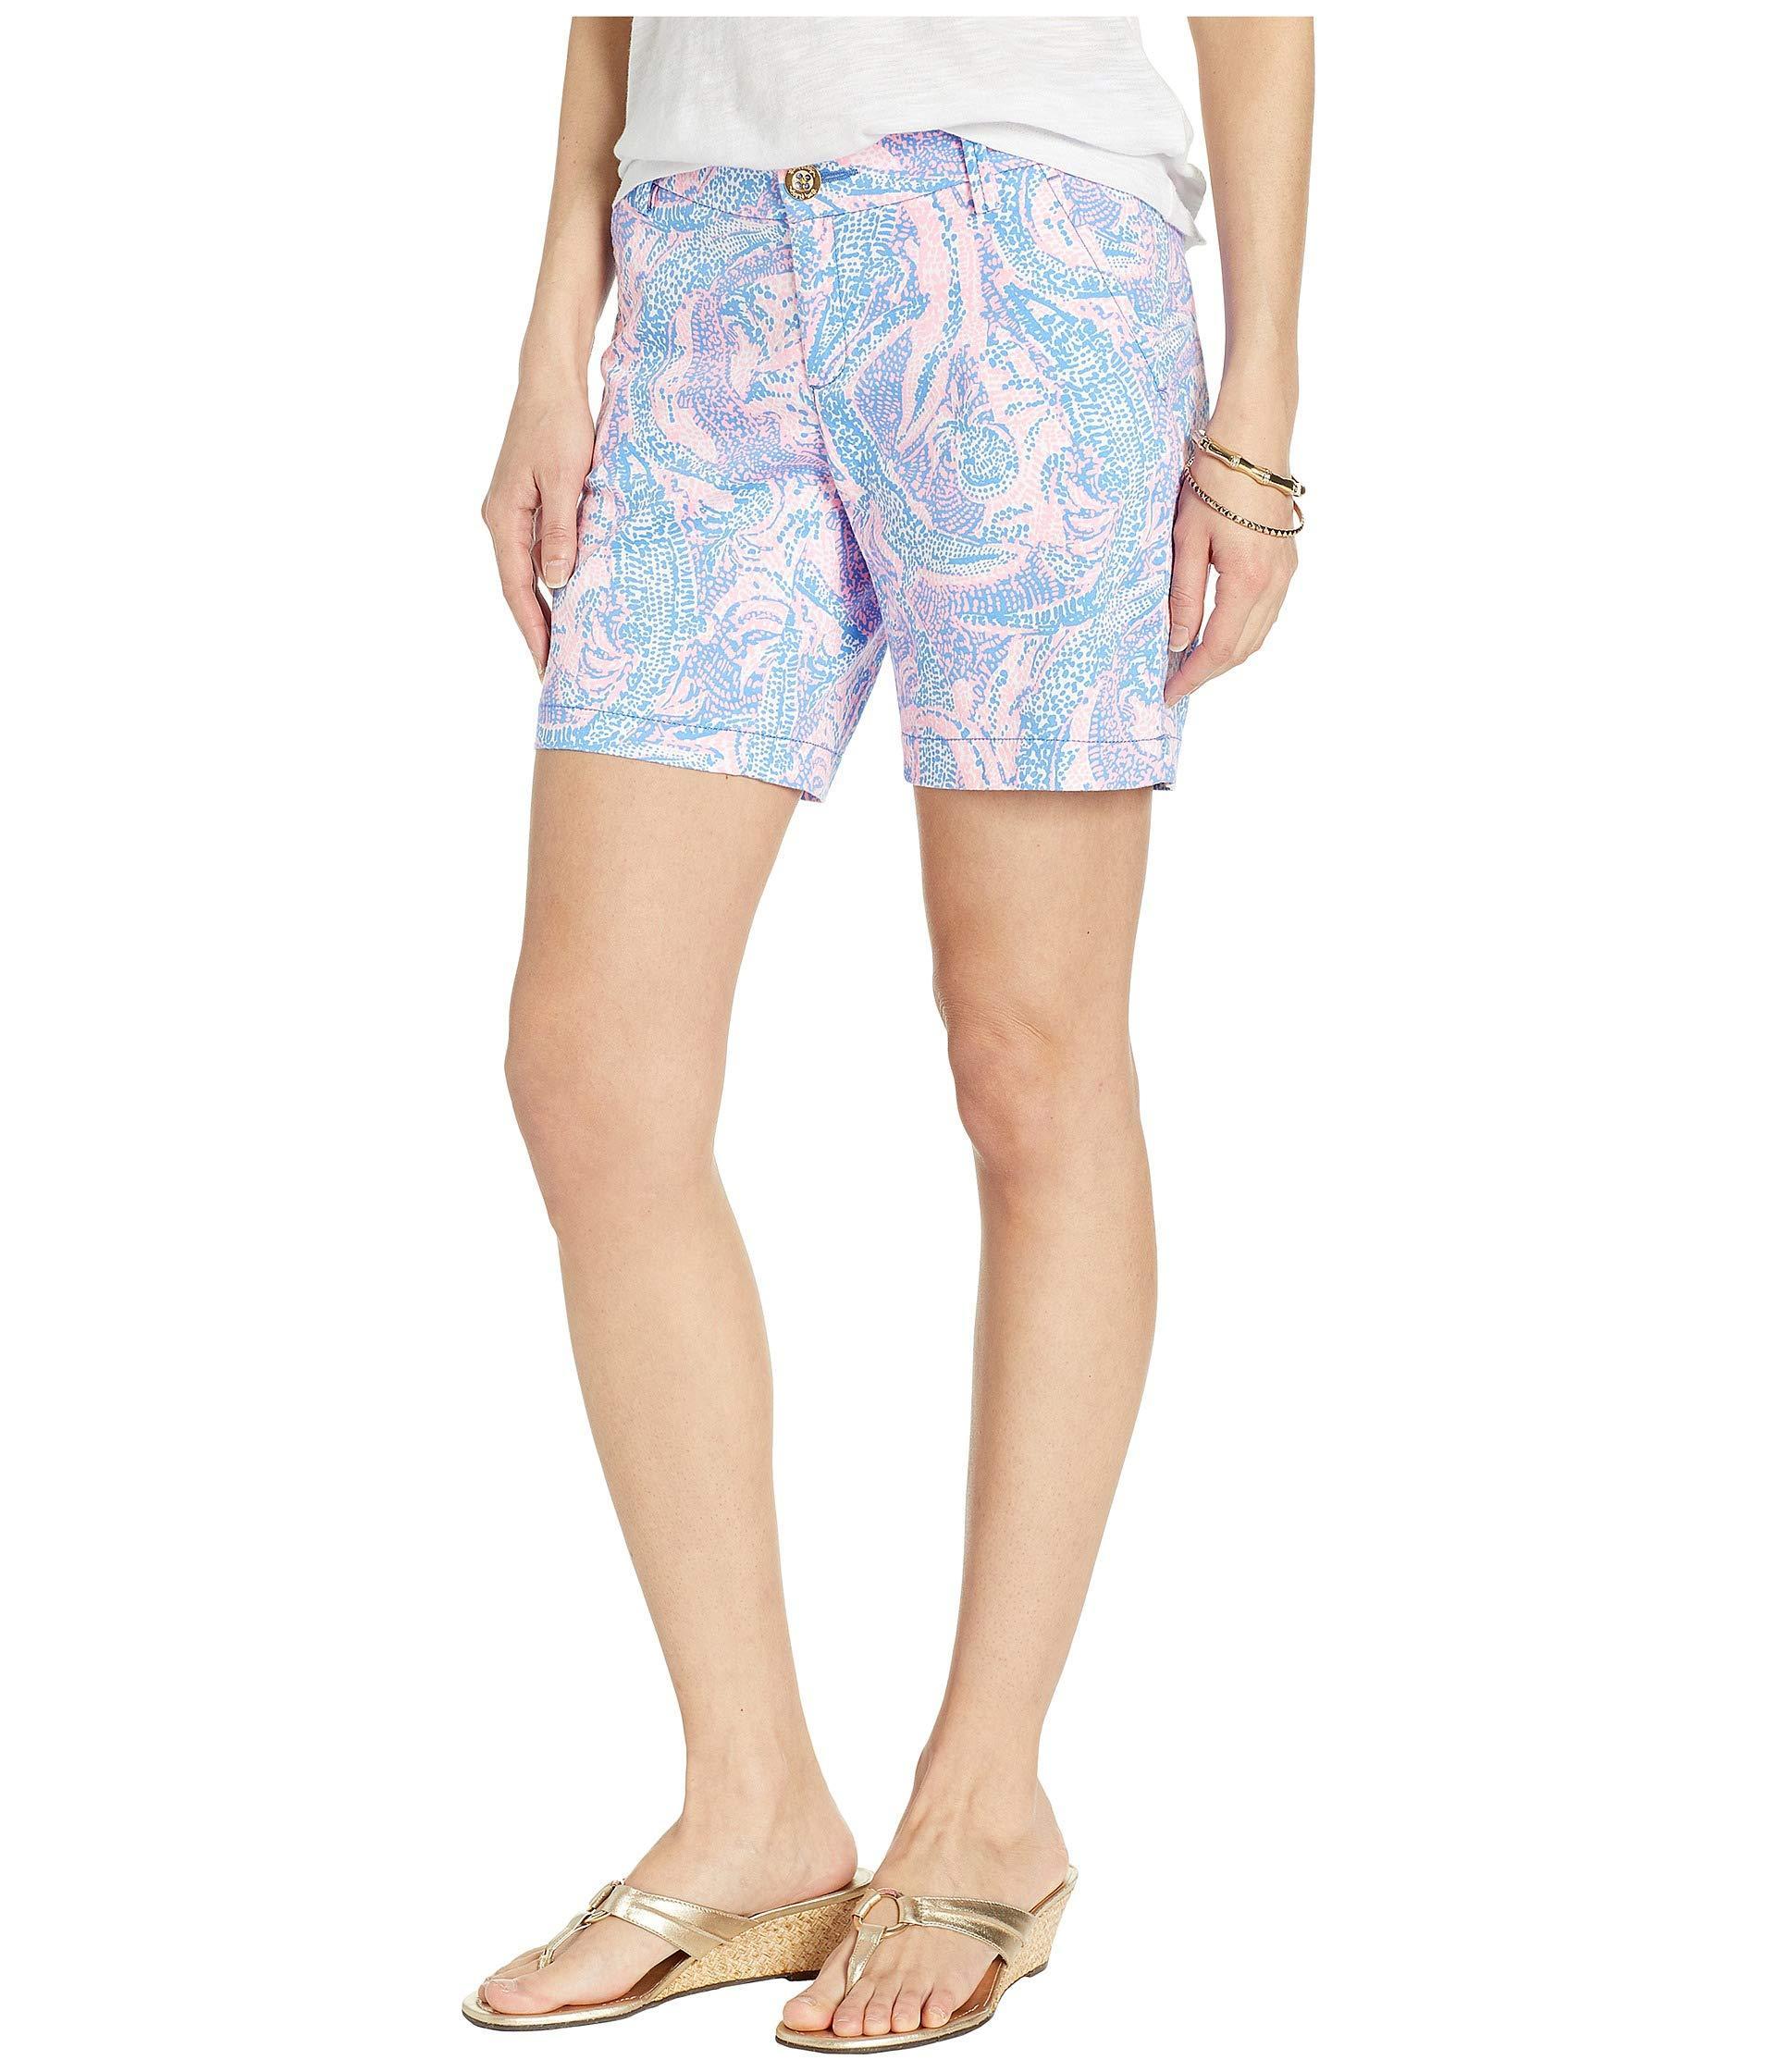 f5ff88230cf1f6 Lyst - Lilly Pulitzer Jayne Stretch Shorts (coastal Blue Maybe Gator)  Women's Shorts in Blue